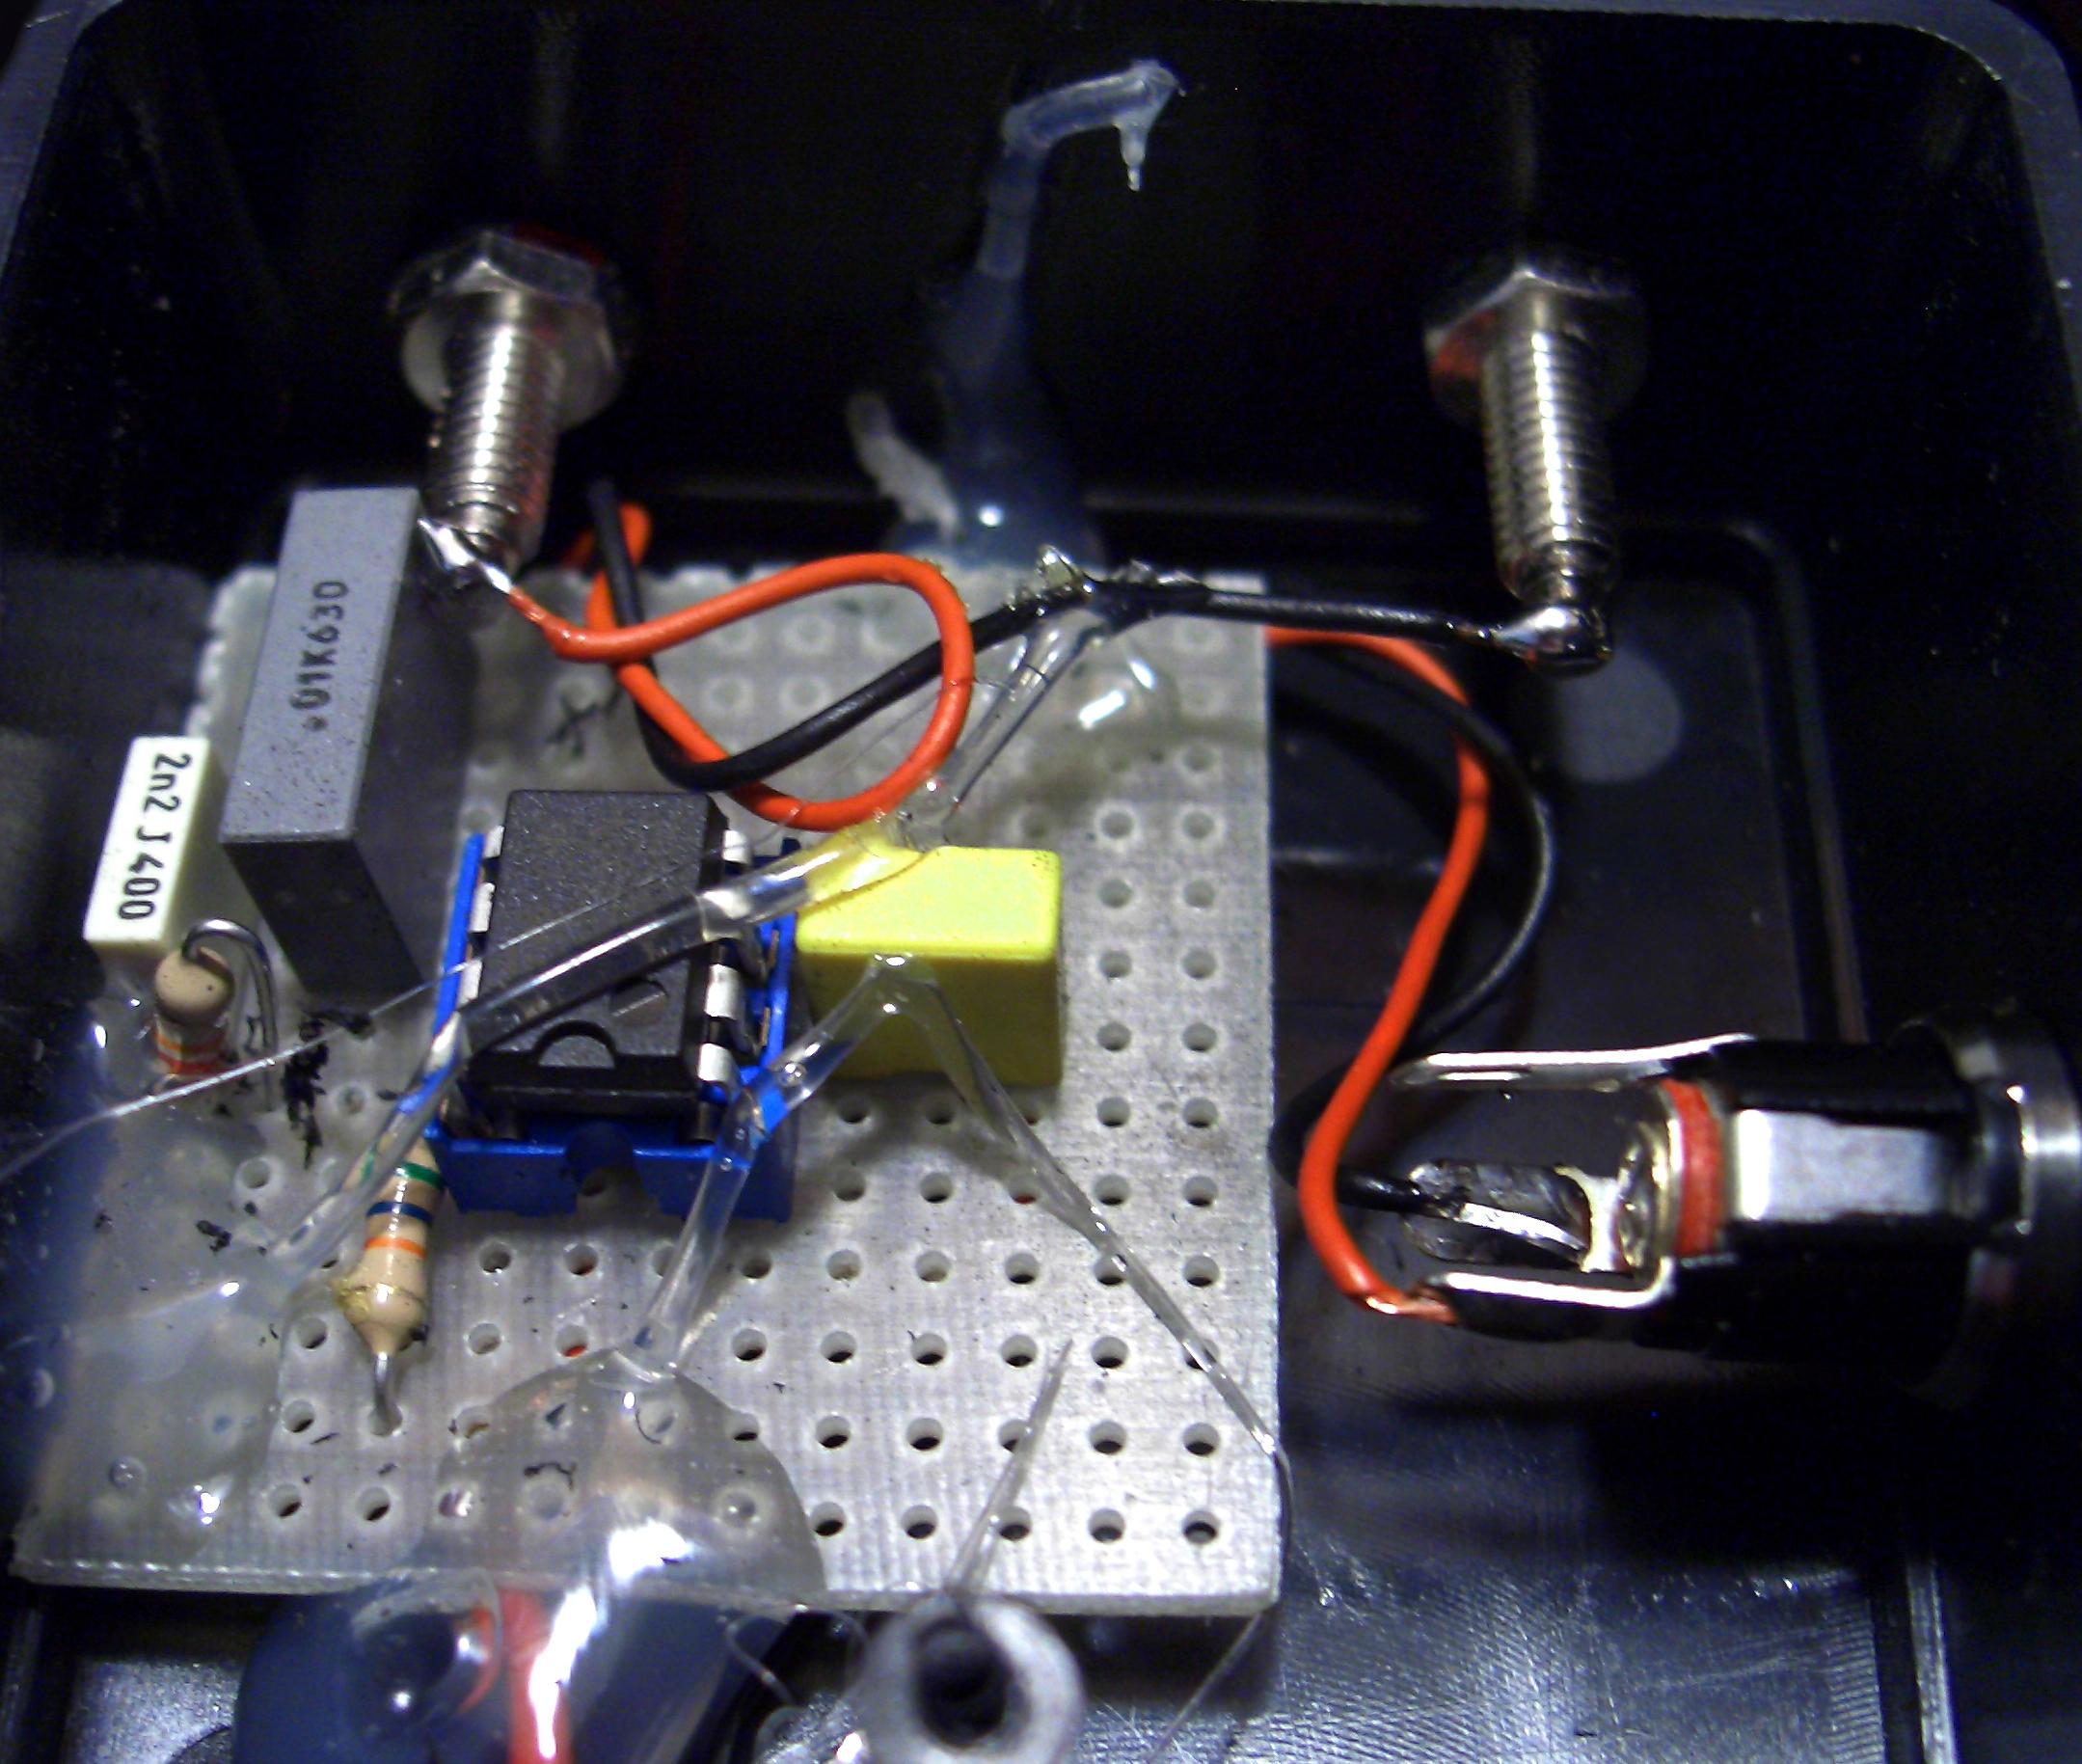 Alberto Tadiello, Usb, cables, circuits, sound system, trees, site specific dimension, 2007.